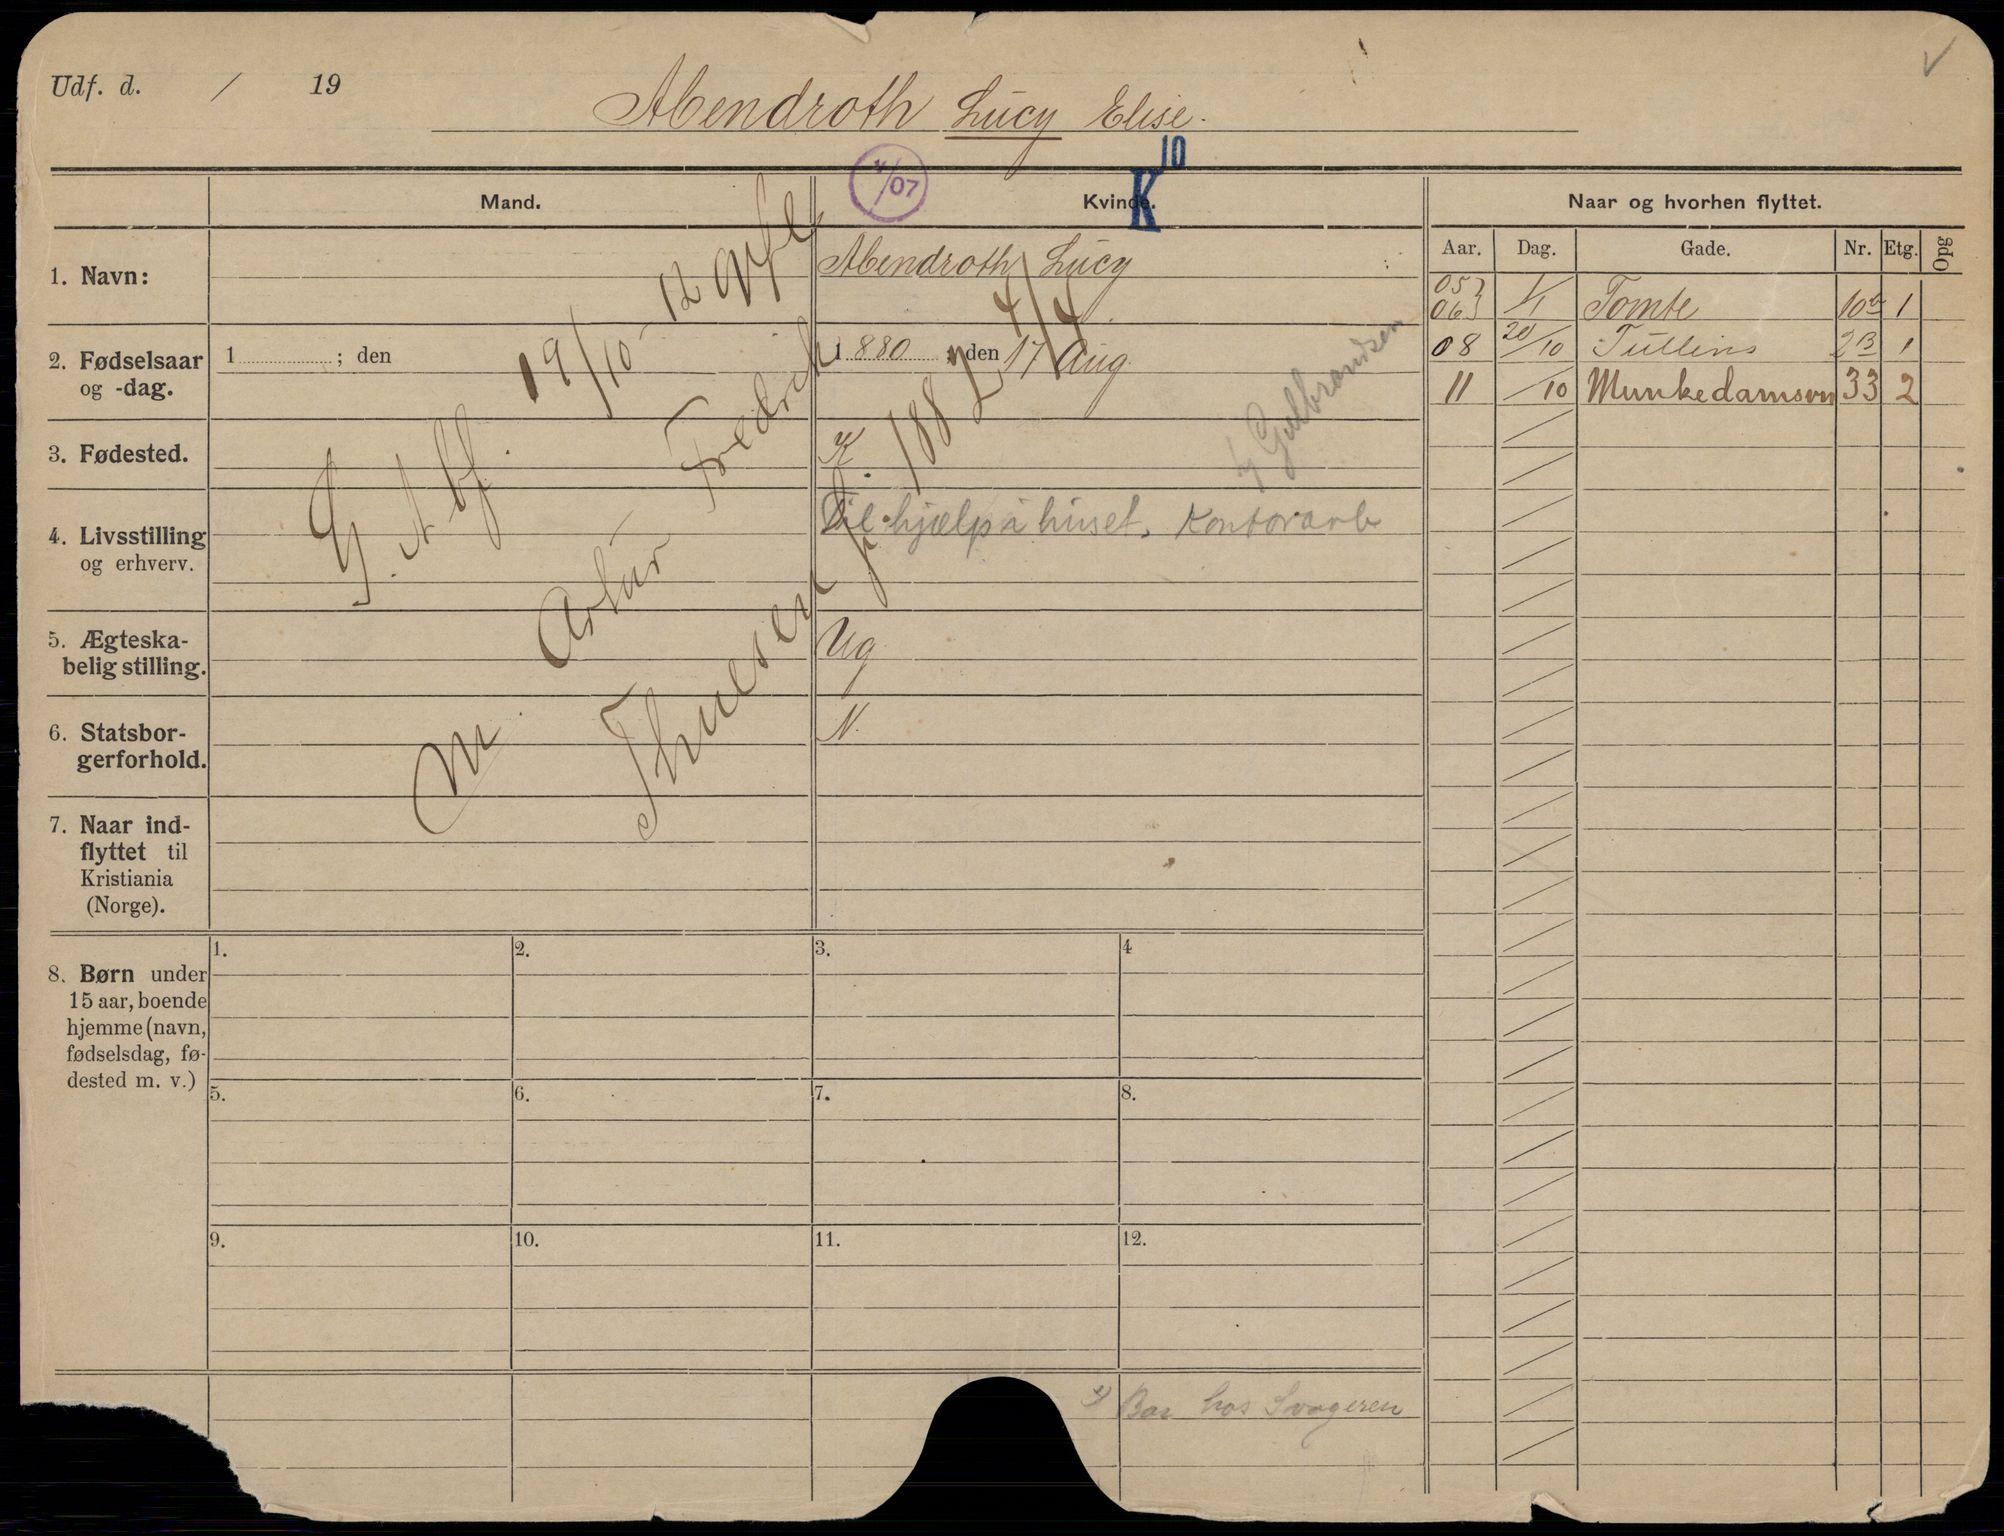 SAO, Oslo folkeregister, Registerkort, K/Kb/L0013: A - H, 1912